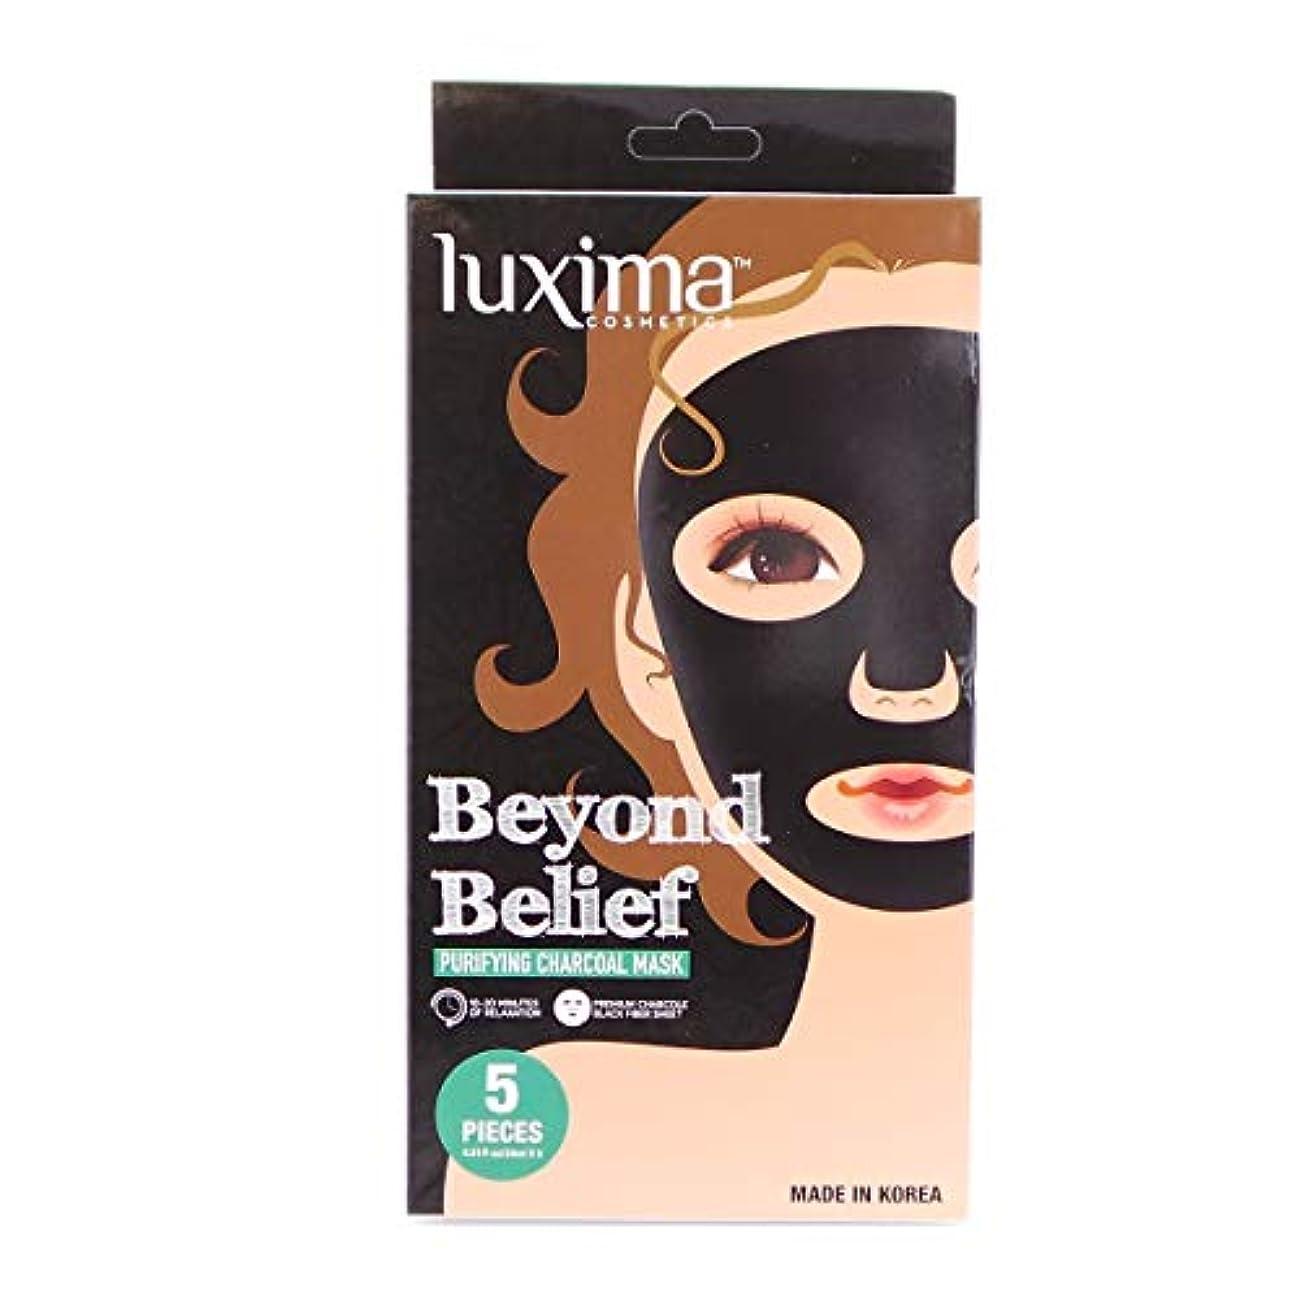 読みやすさおとなしい貸す(3 Pack) LUXIMA Beyond Belief Purifying Charcoal Mask, Pack of 5 (並行輸入品)